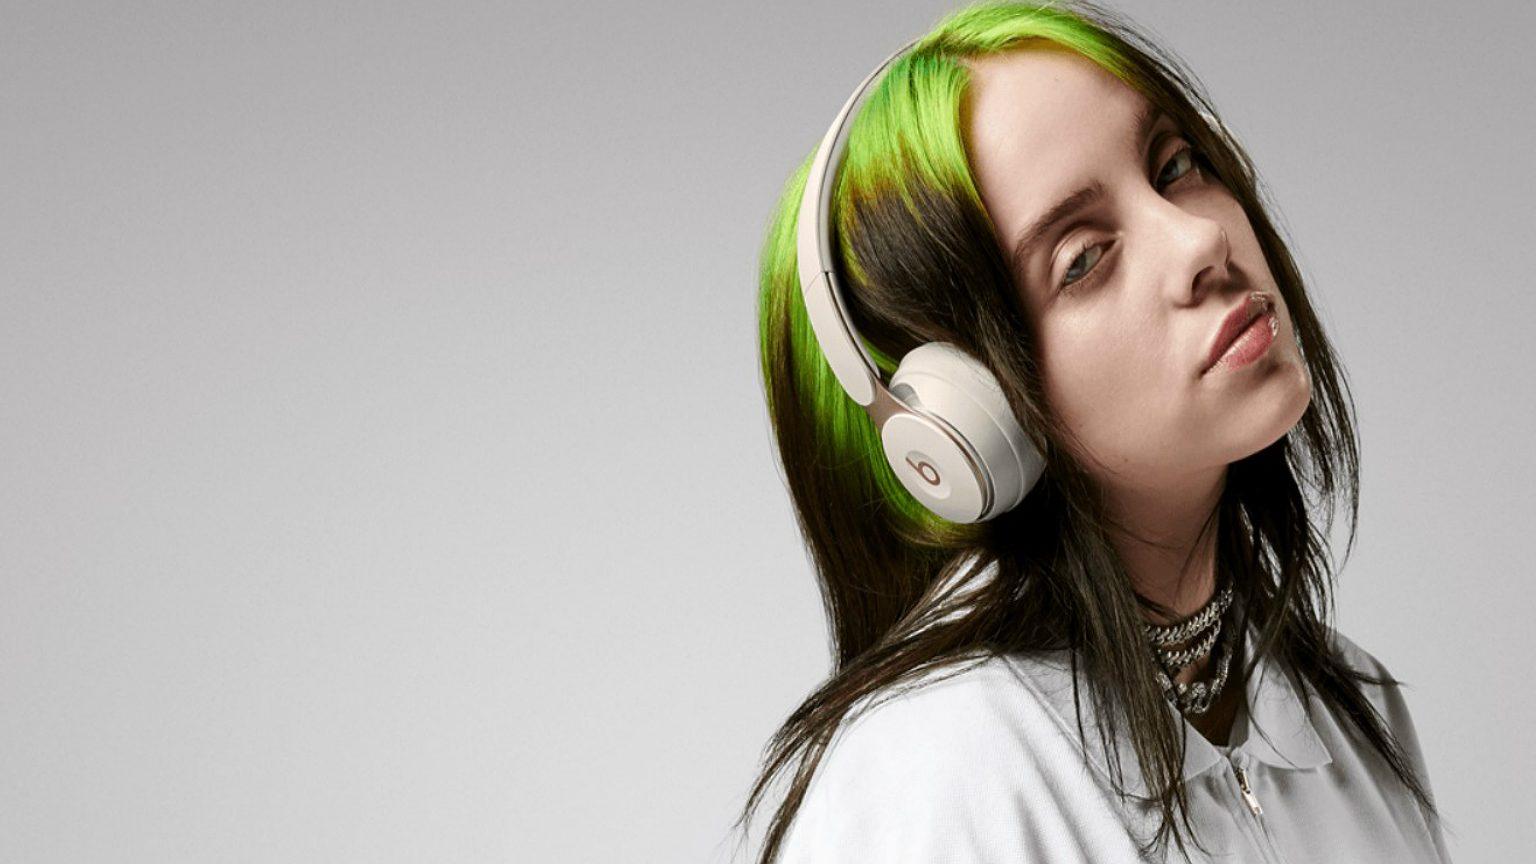 girl wearing beats headphones